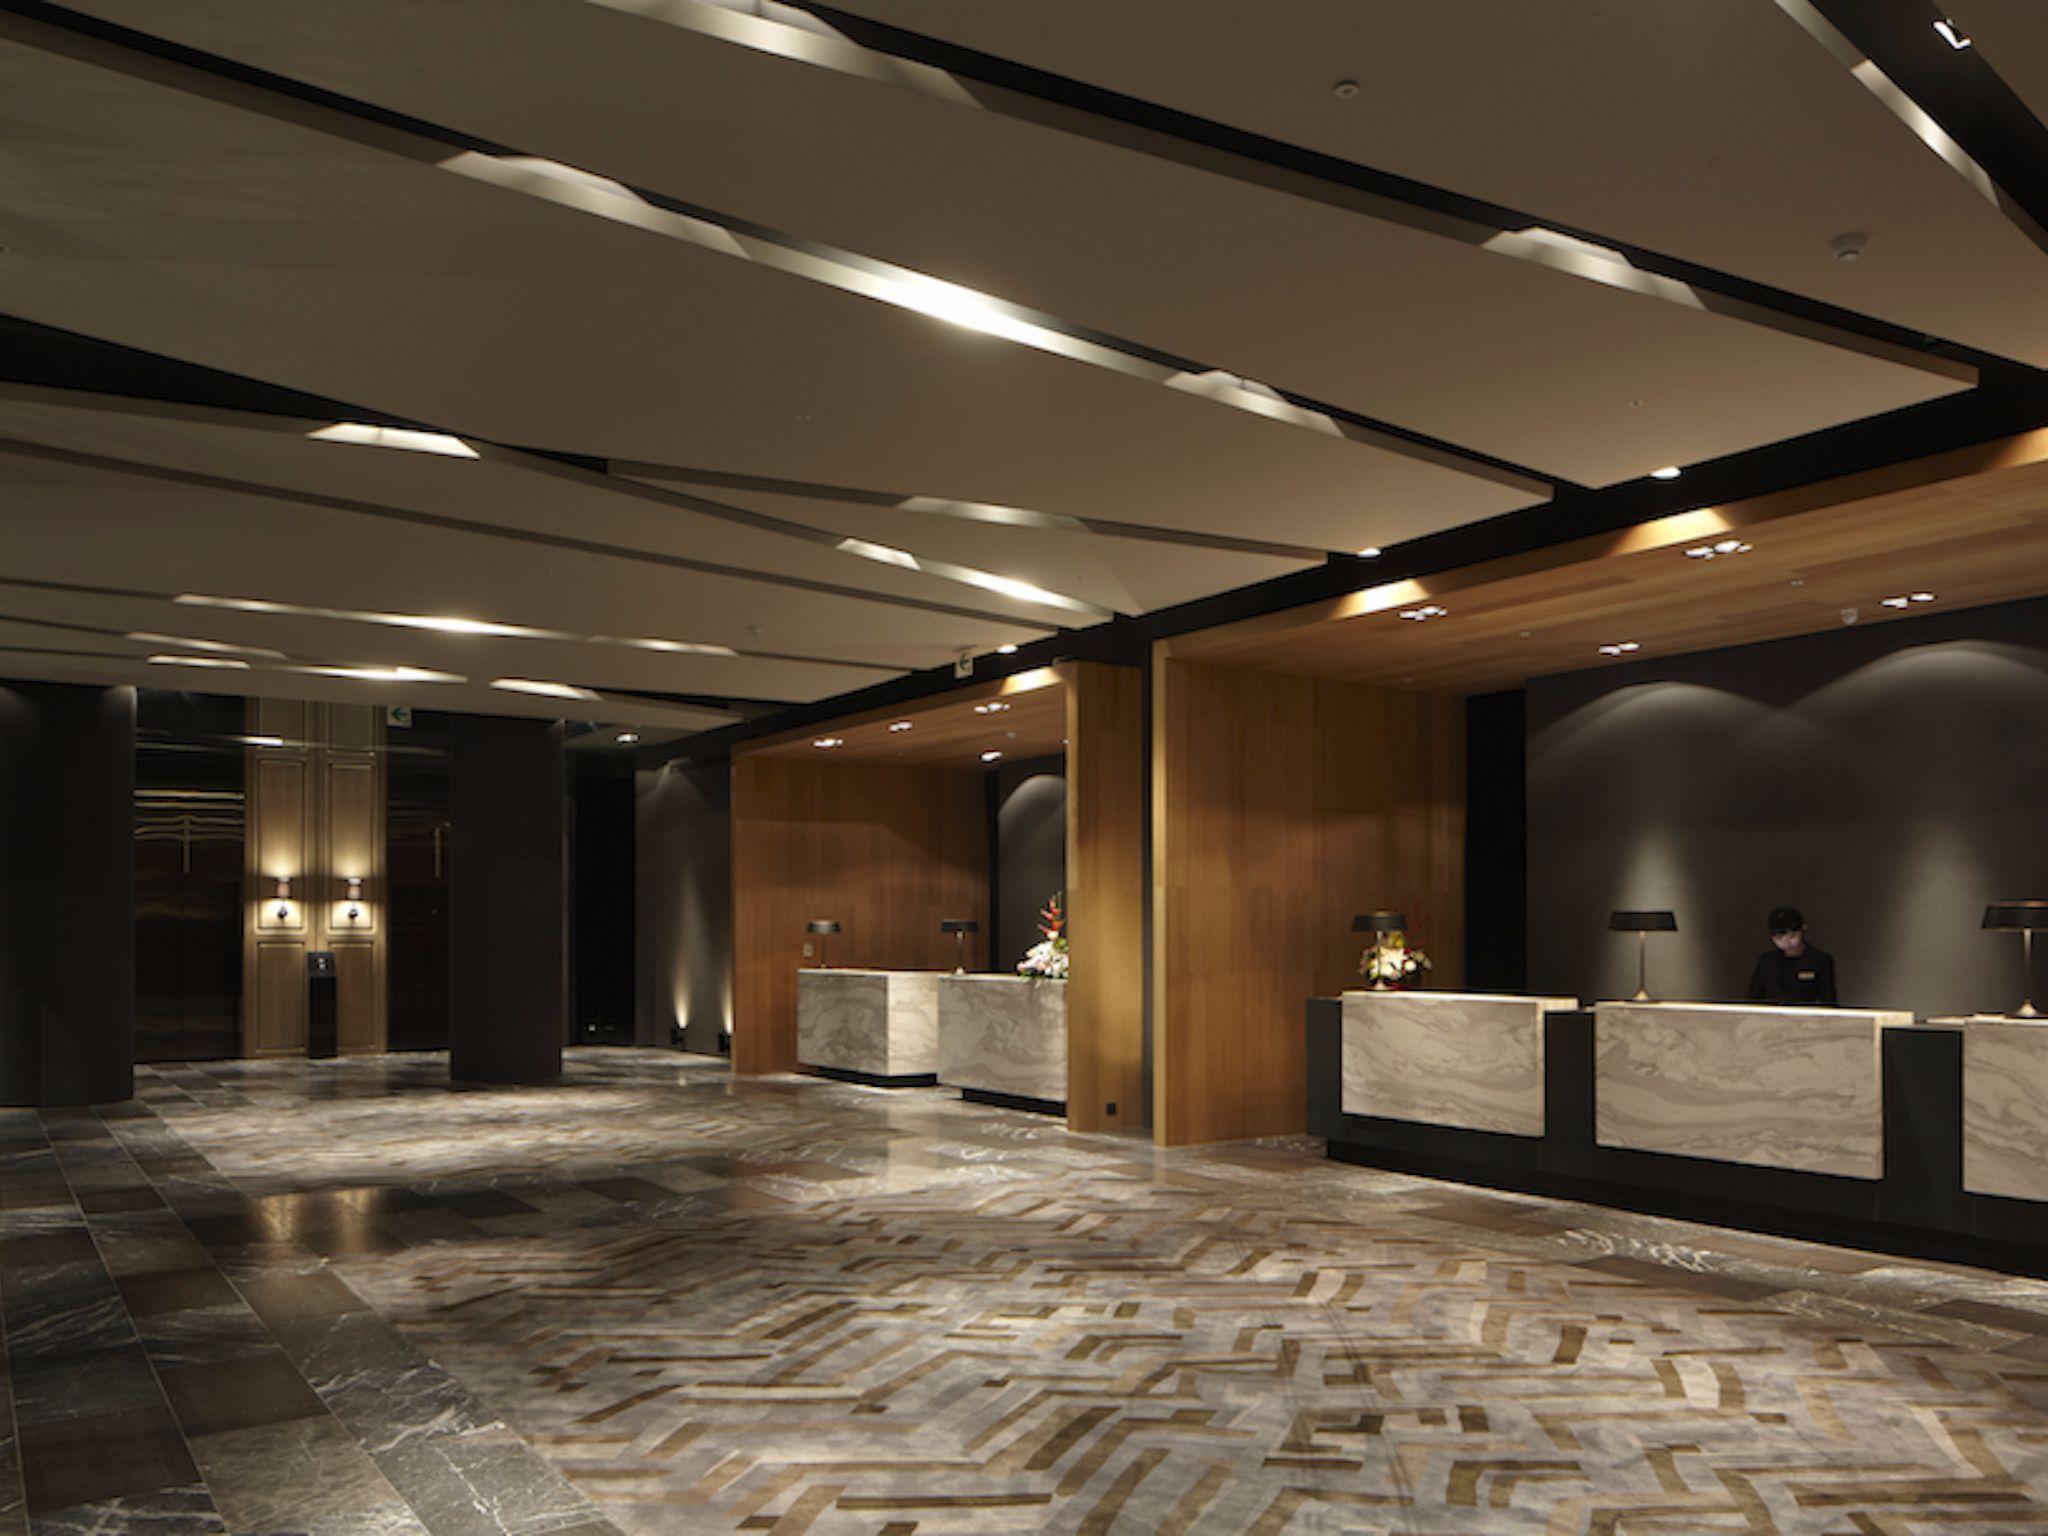 Hotel Ceiling False Designs For Lobby